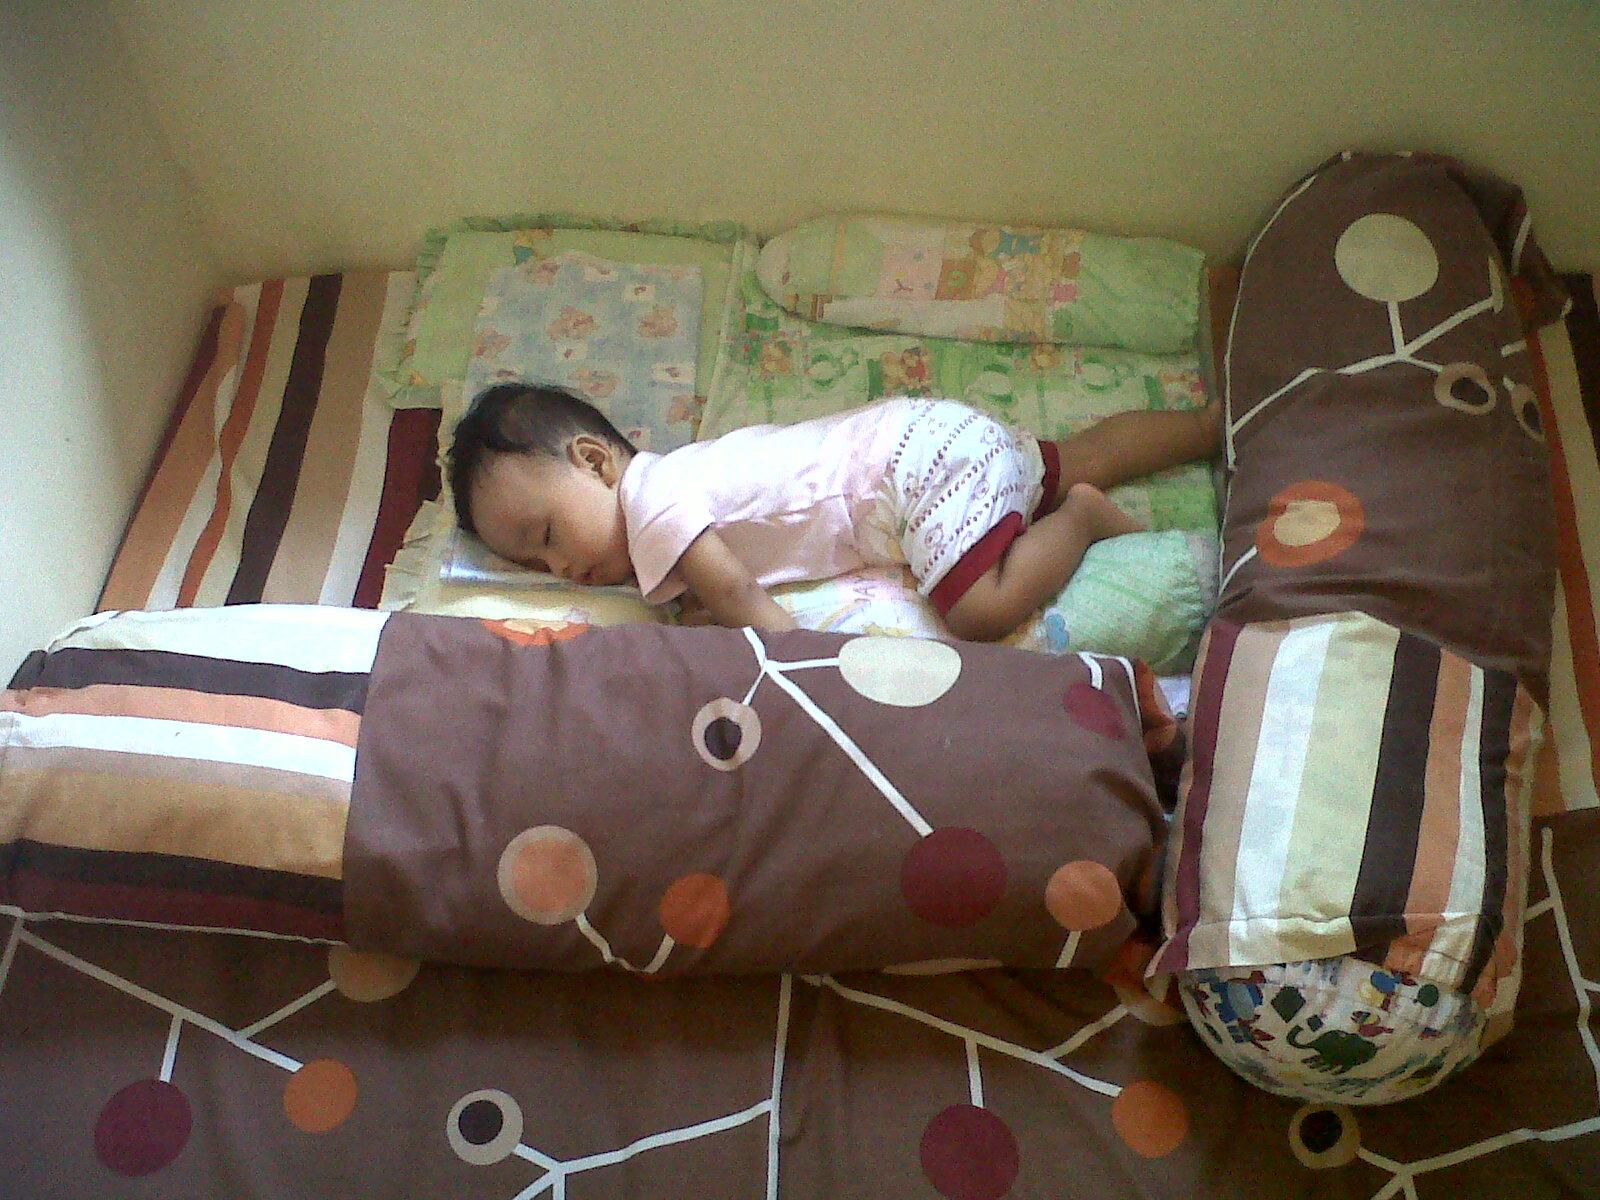 Mengajarkan Bayi Turun Dari Tempat Tidur  Bidankucom